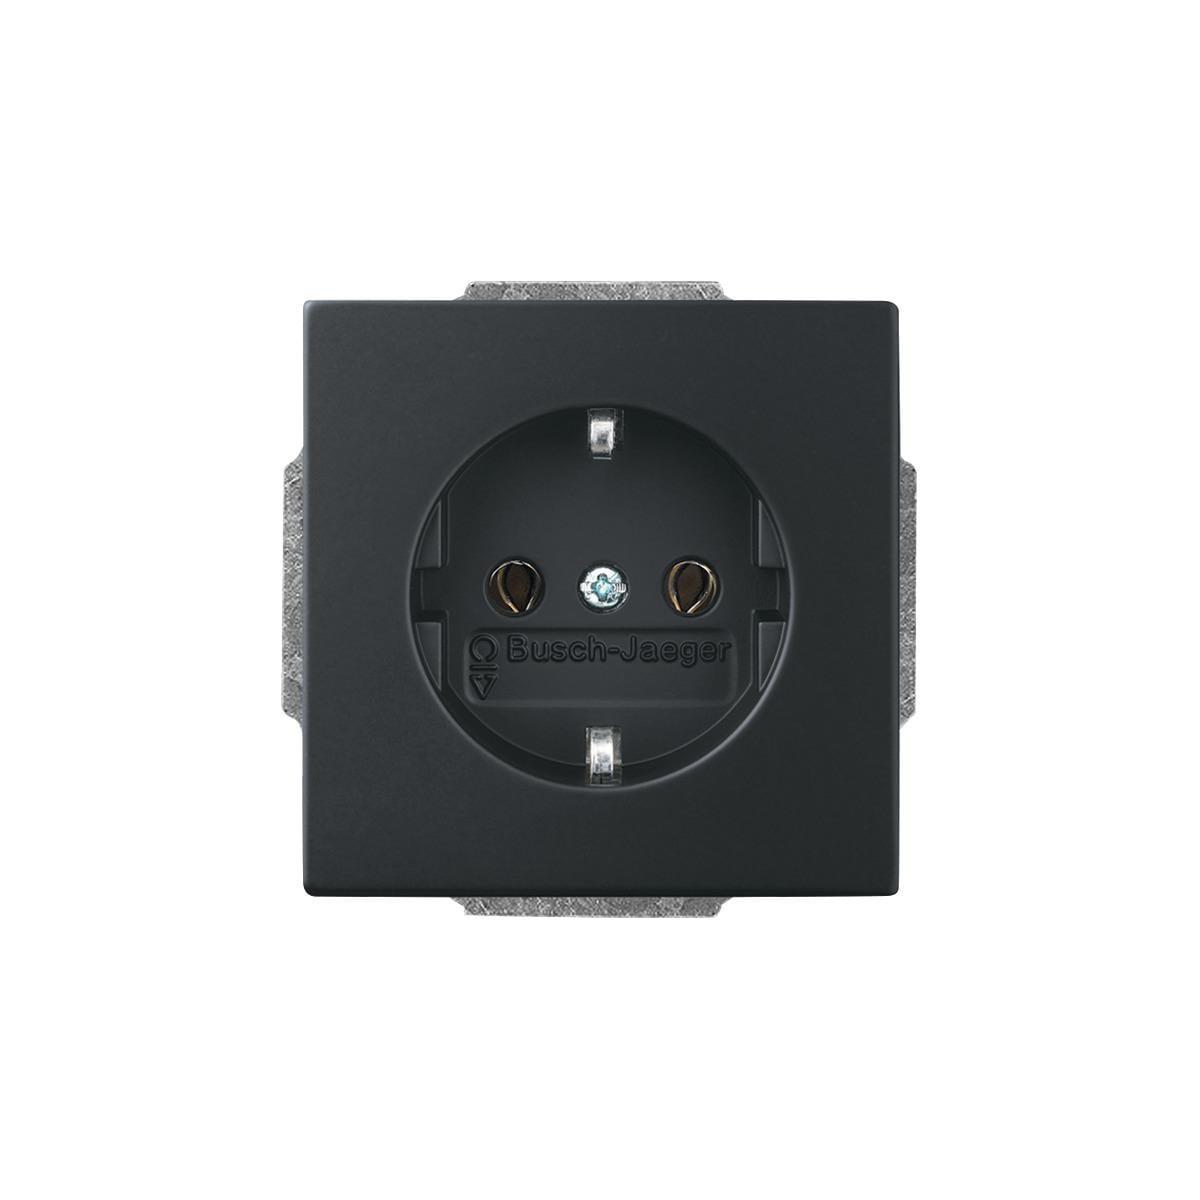 schuko steckdosen einsatz schwarz matt future linear. Black Bedroom Furniture Sets. Home Design Ideas